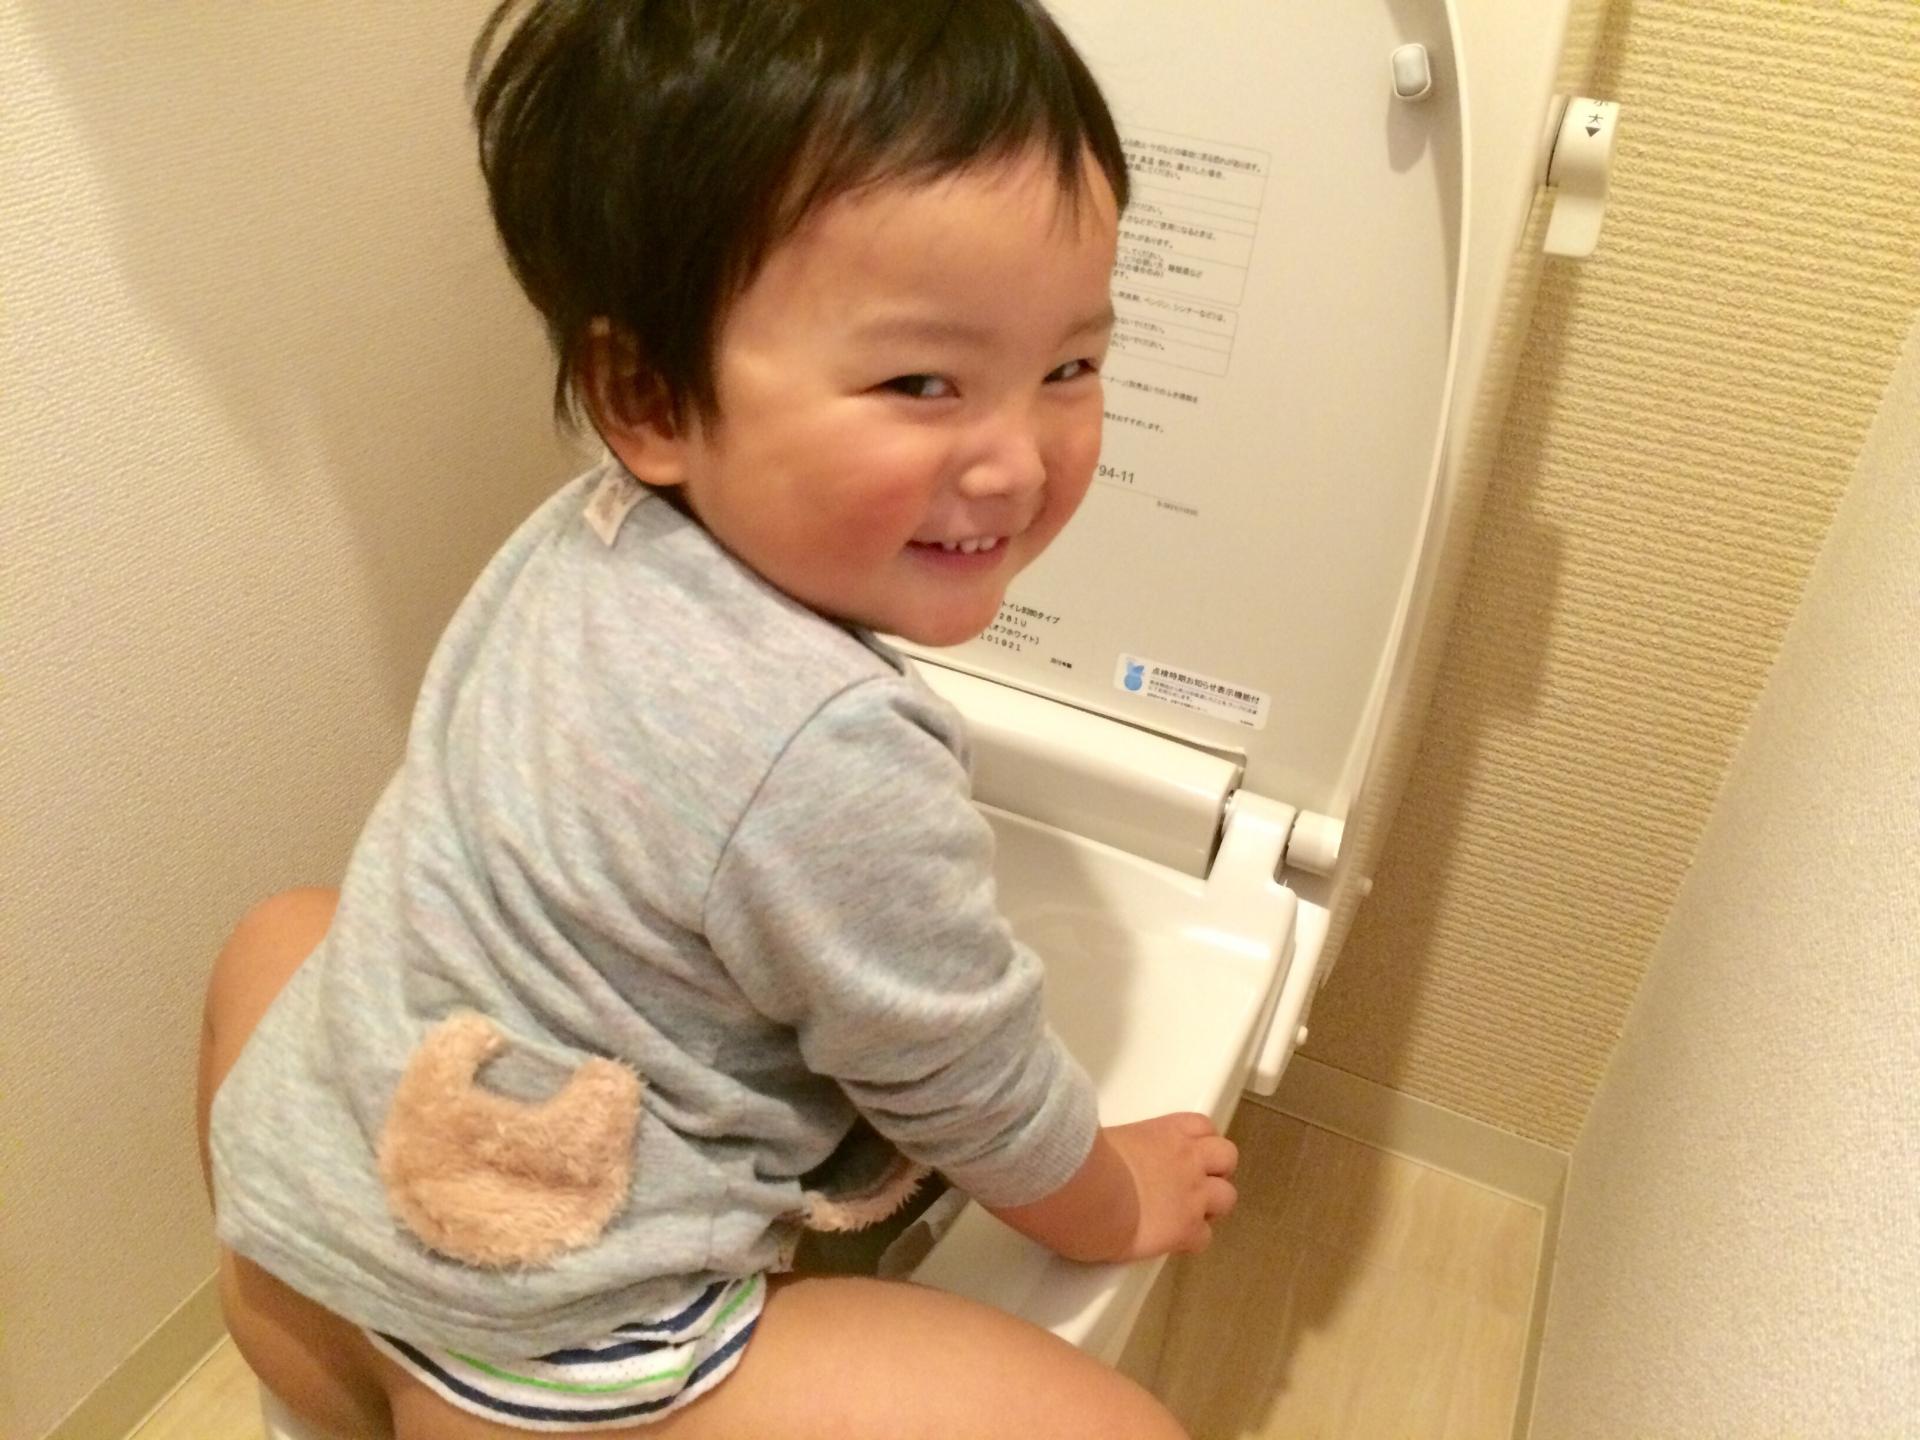 心因性頻尿の原因はトイレトレーニングだったのか?